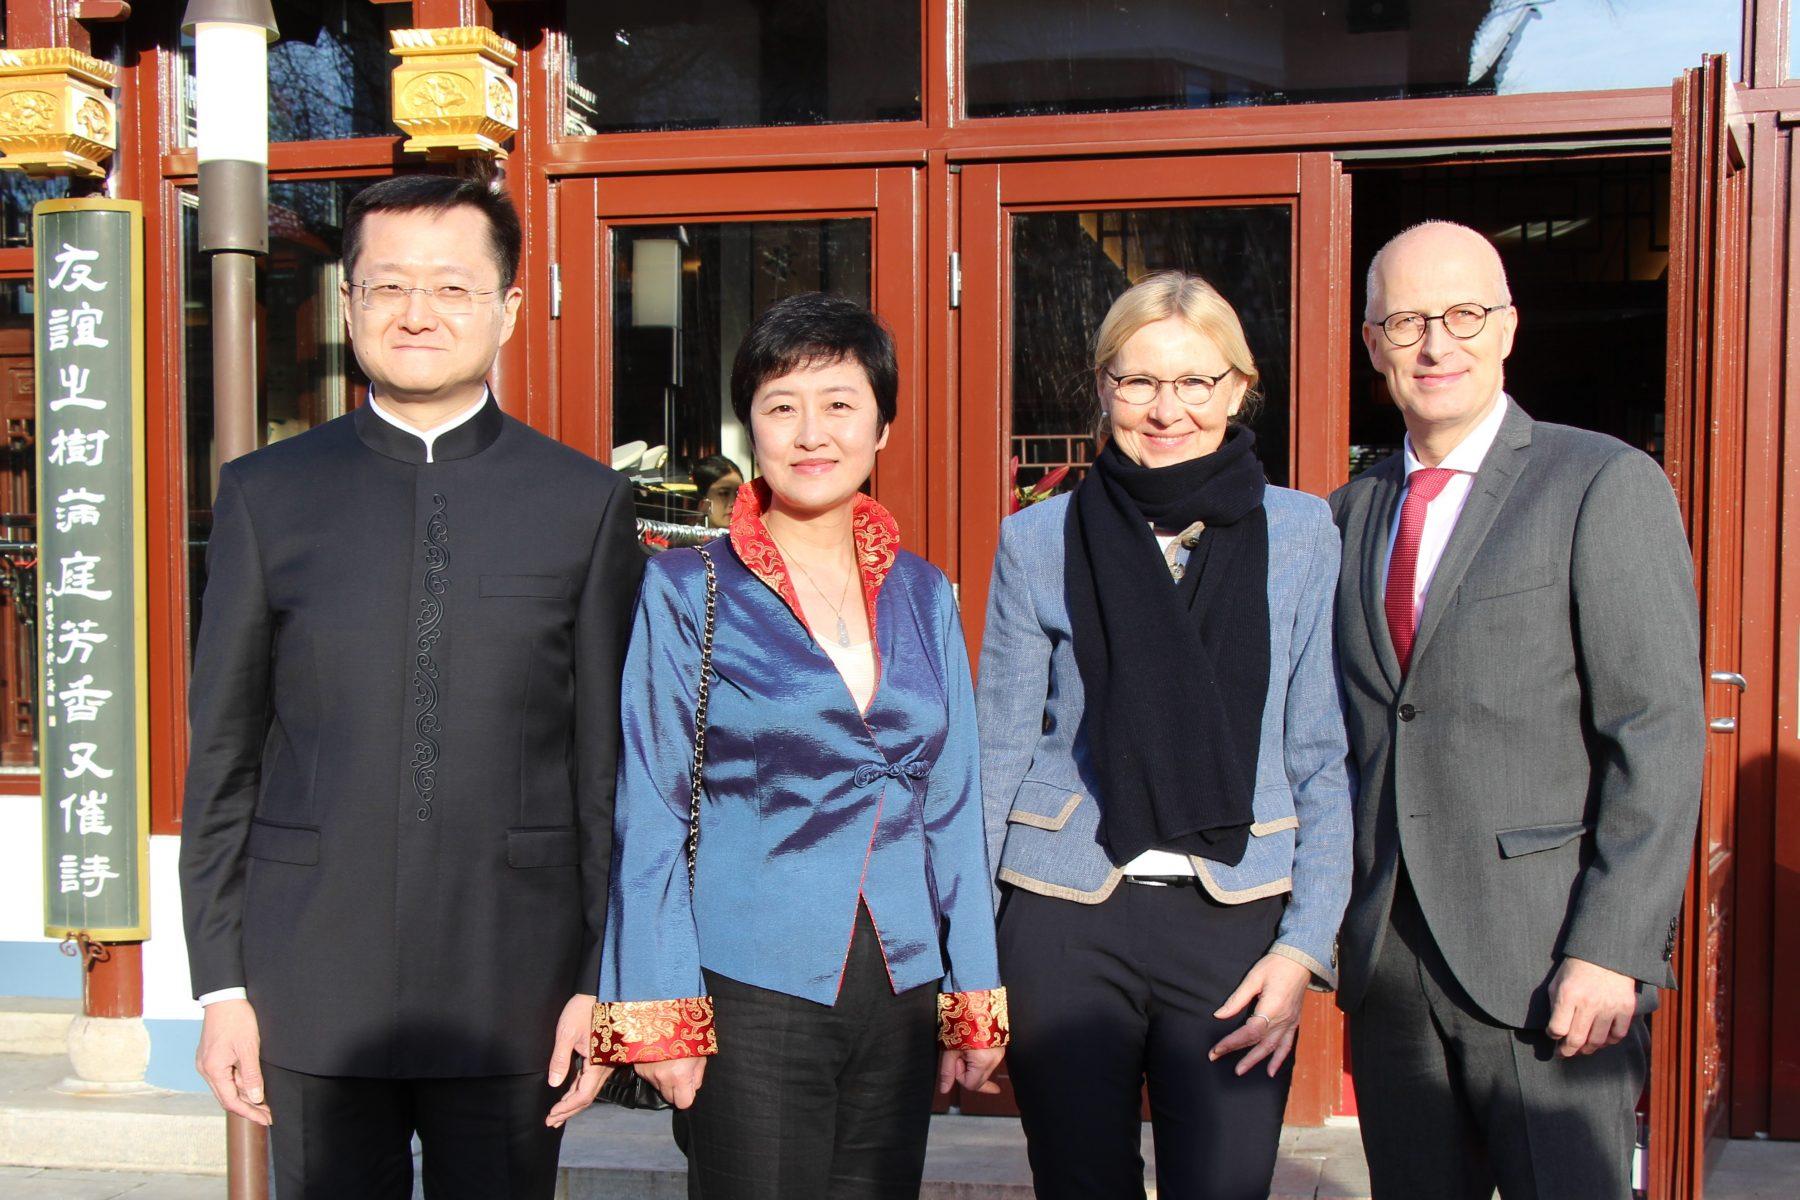 Tschentscher und Generalkonsul Du Xiaohui bei der Wiedereröffnung des Yu Garden. Foto: Sophia Kleiner